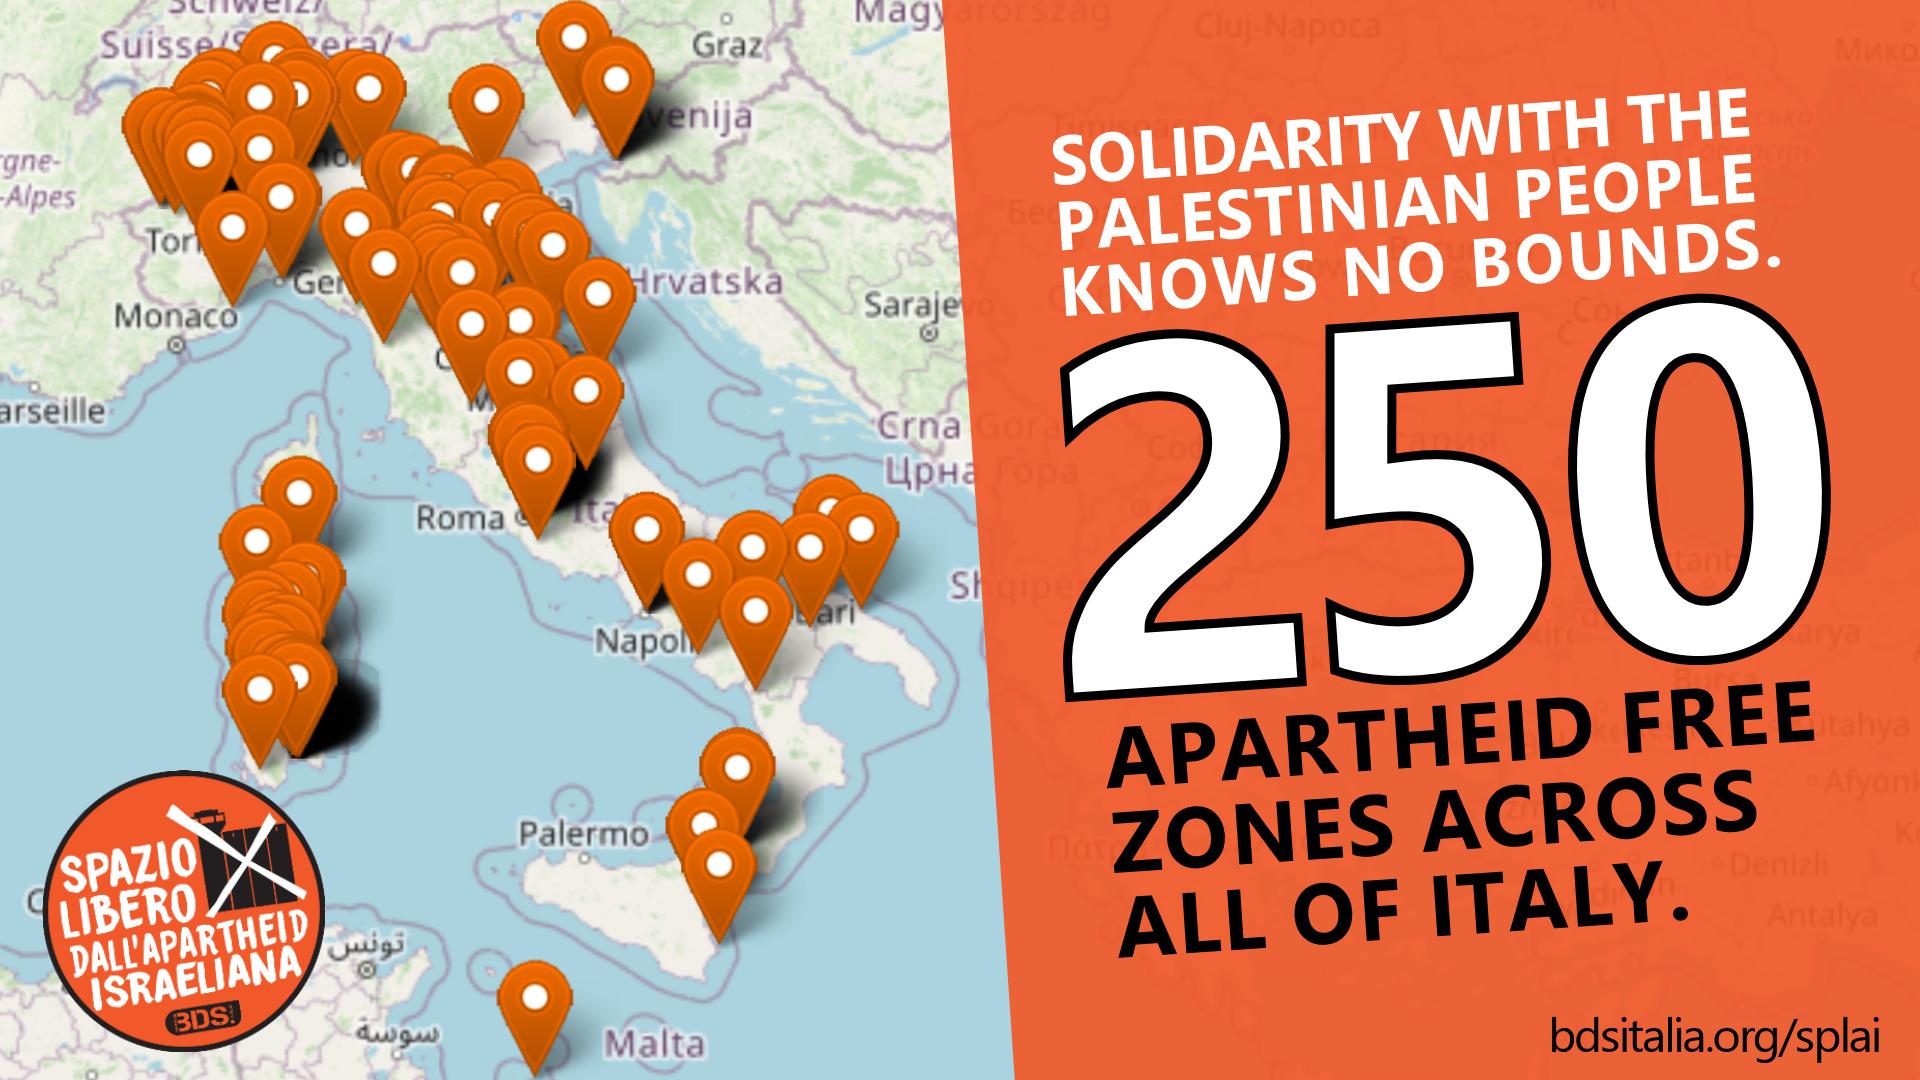 250 Israeli Apartheid Free Zones Throughout Italy